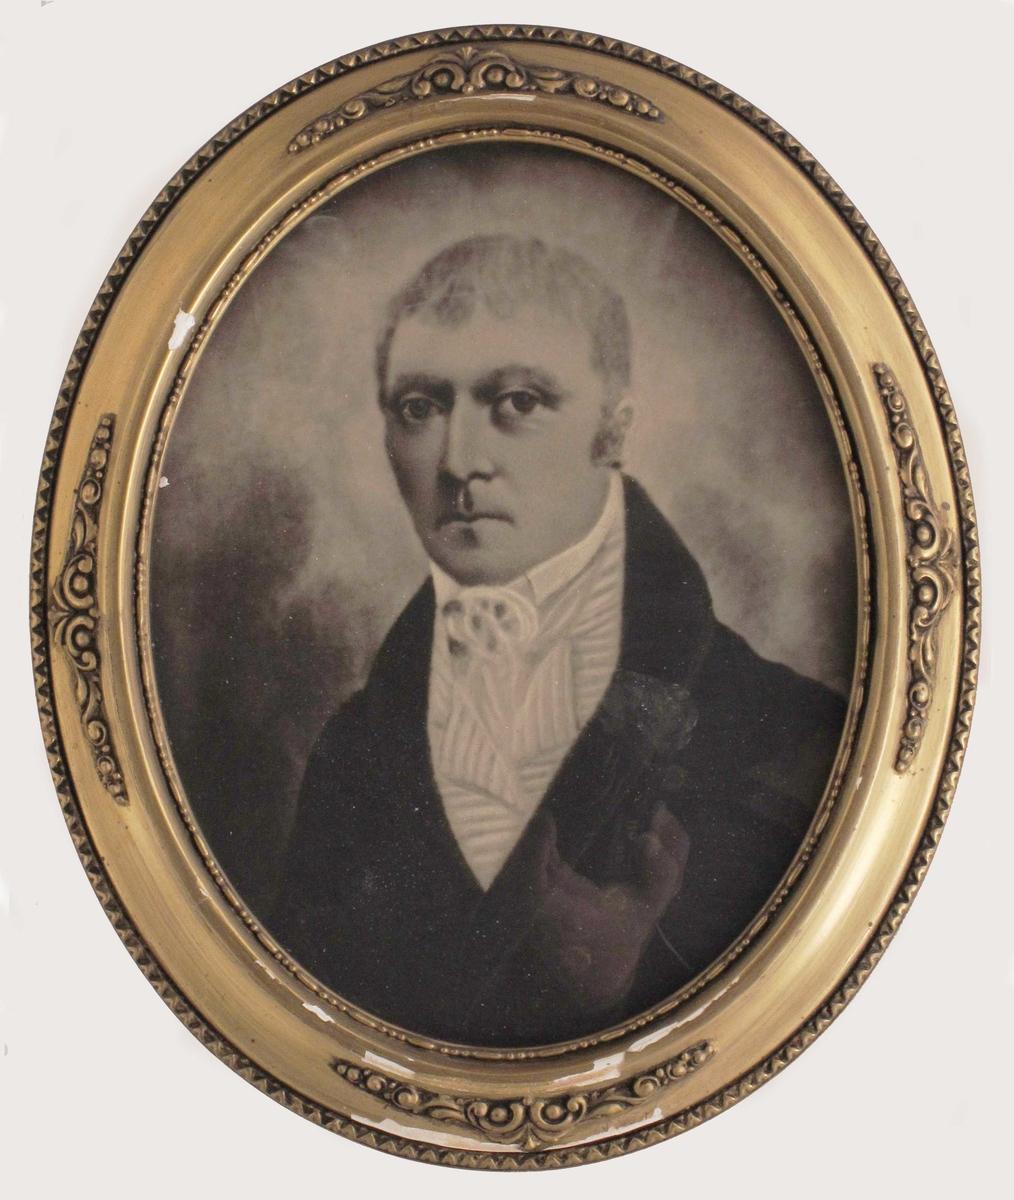 Portrett av middelaldrende mann, brystbilde. Kledd i mørk jakke, vest med stripet mønster, skjortekrage og tørkle e.l. i halsen.